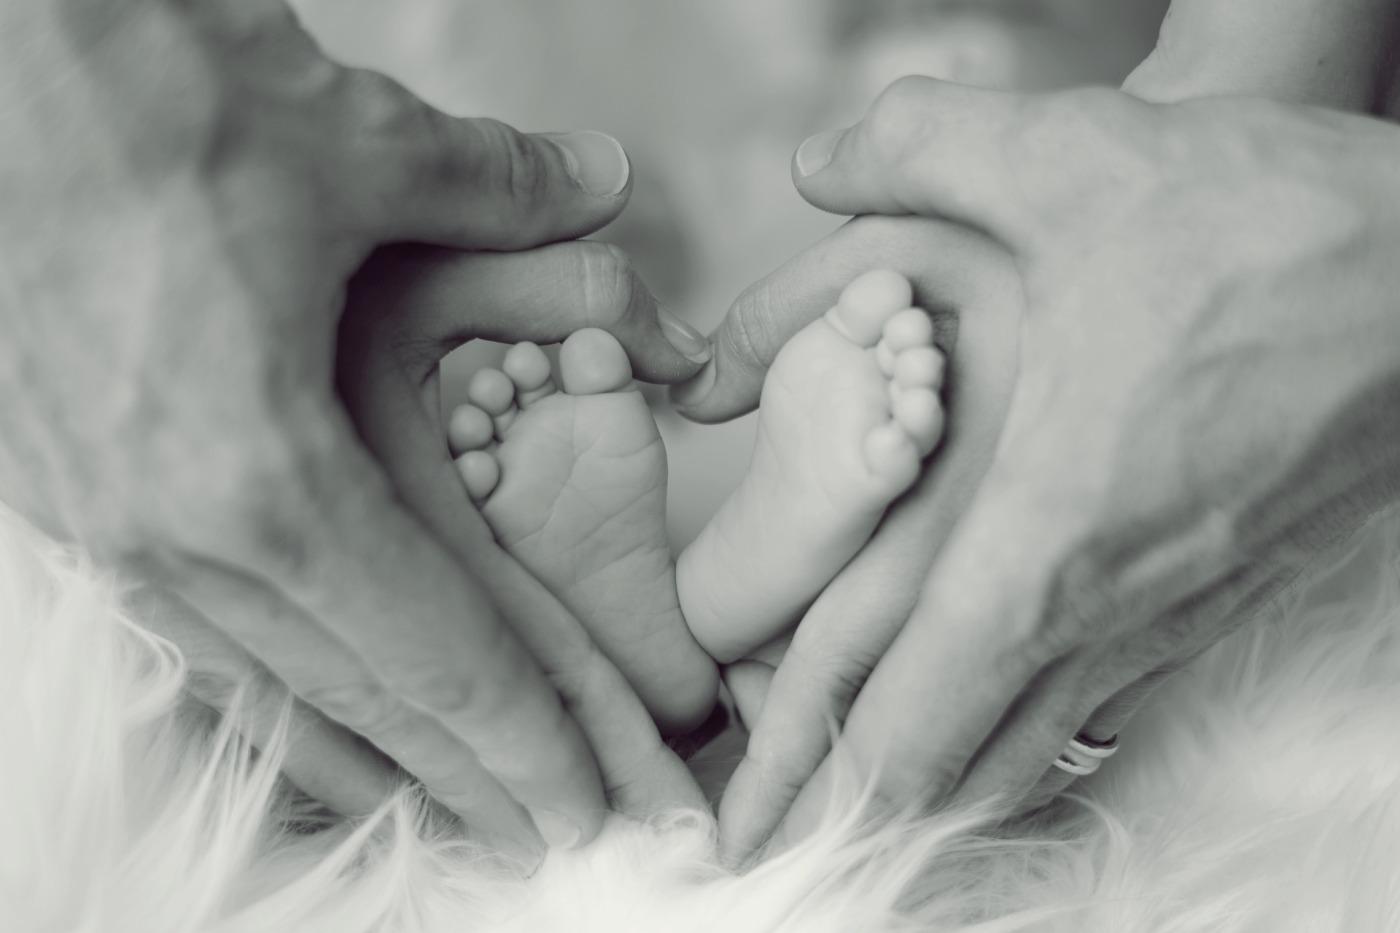 Leben, Erziehung, Erfüllung, Sinn, Liebe, Gesundheit, Sport, Glück, Fröhlichkeit, Persönlichkeitsentwicklung